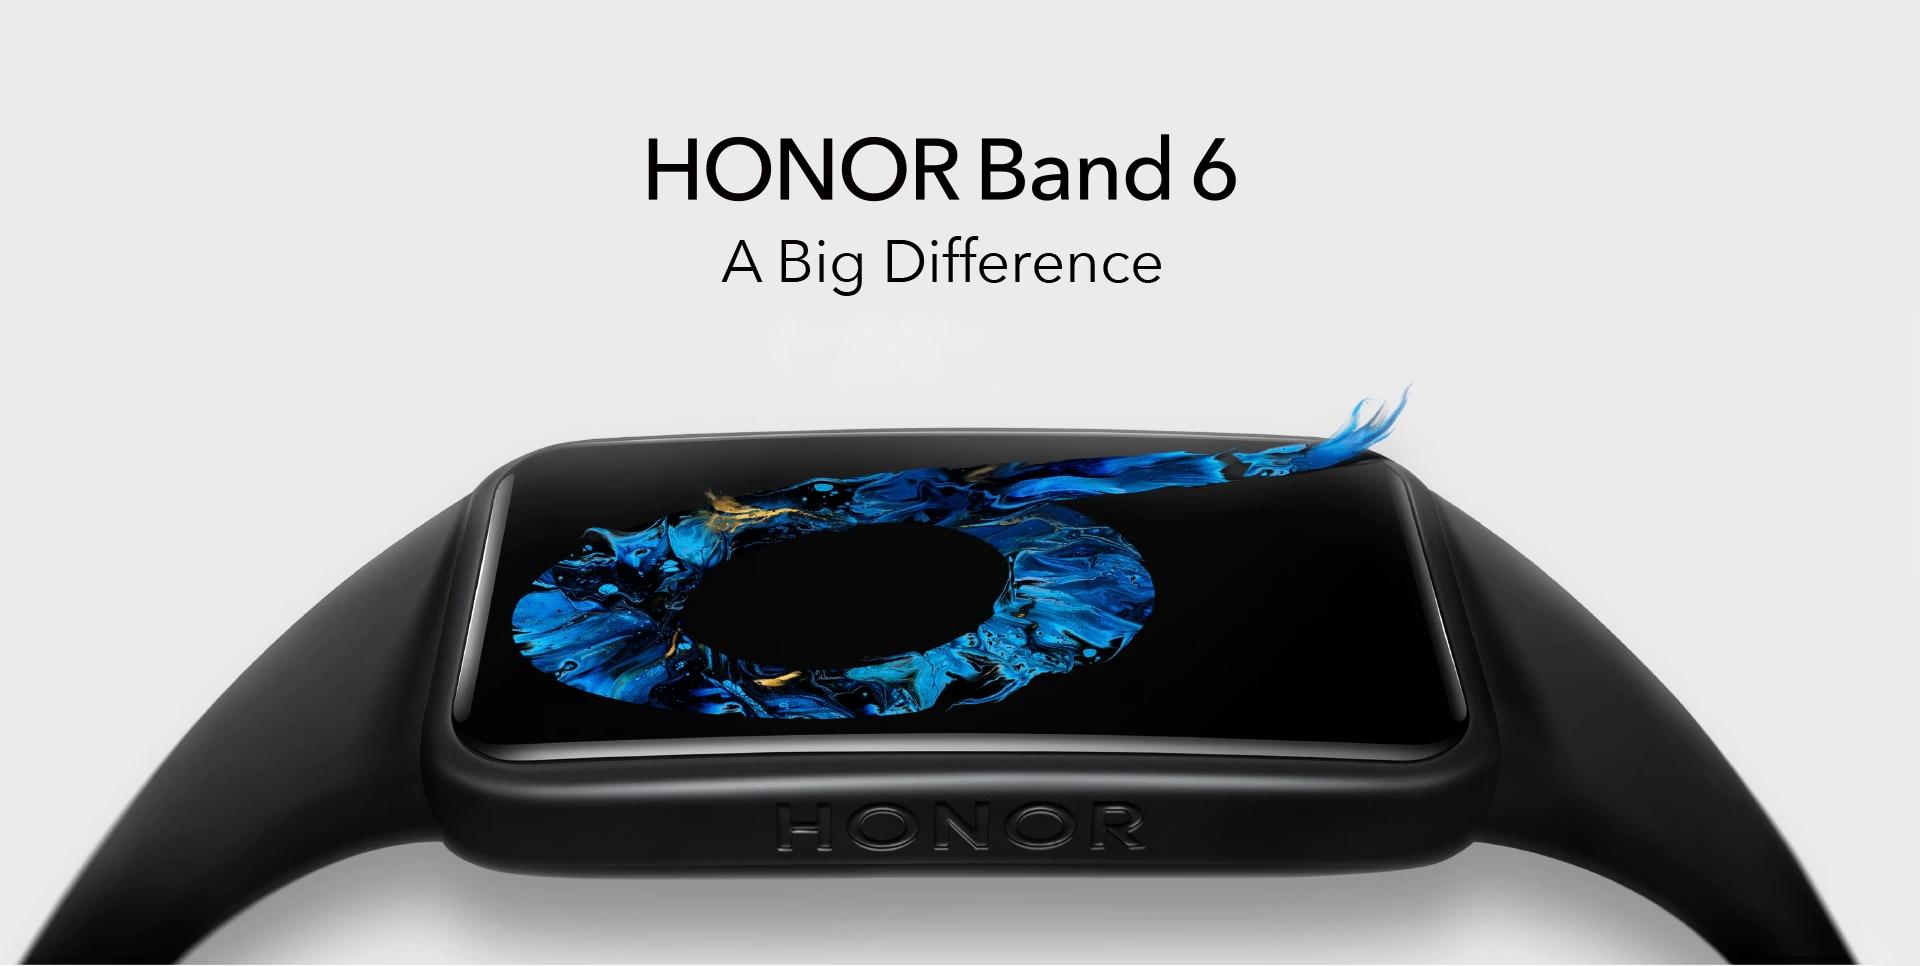 Глобальную версию Honor Band 6 уже можно предзаказать на AliExpress по акционной цене